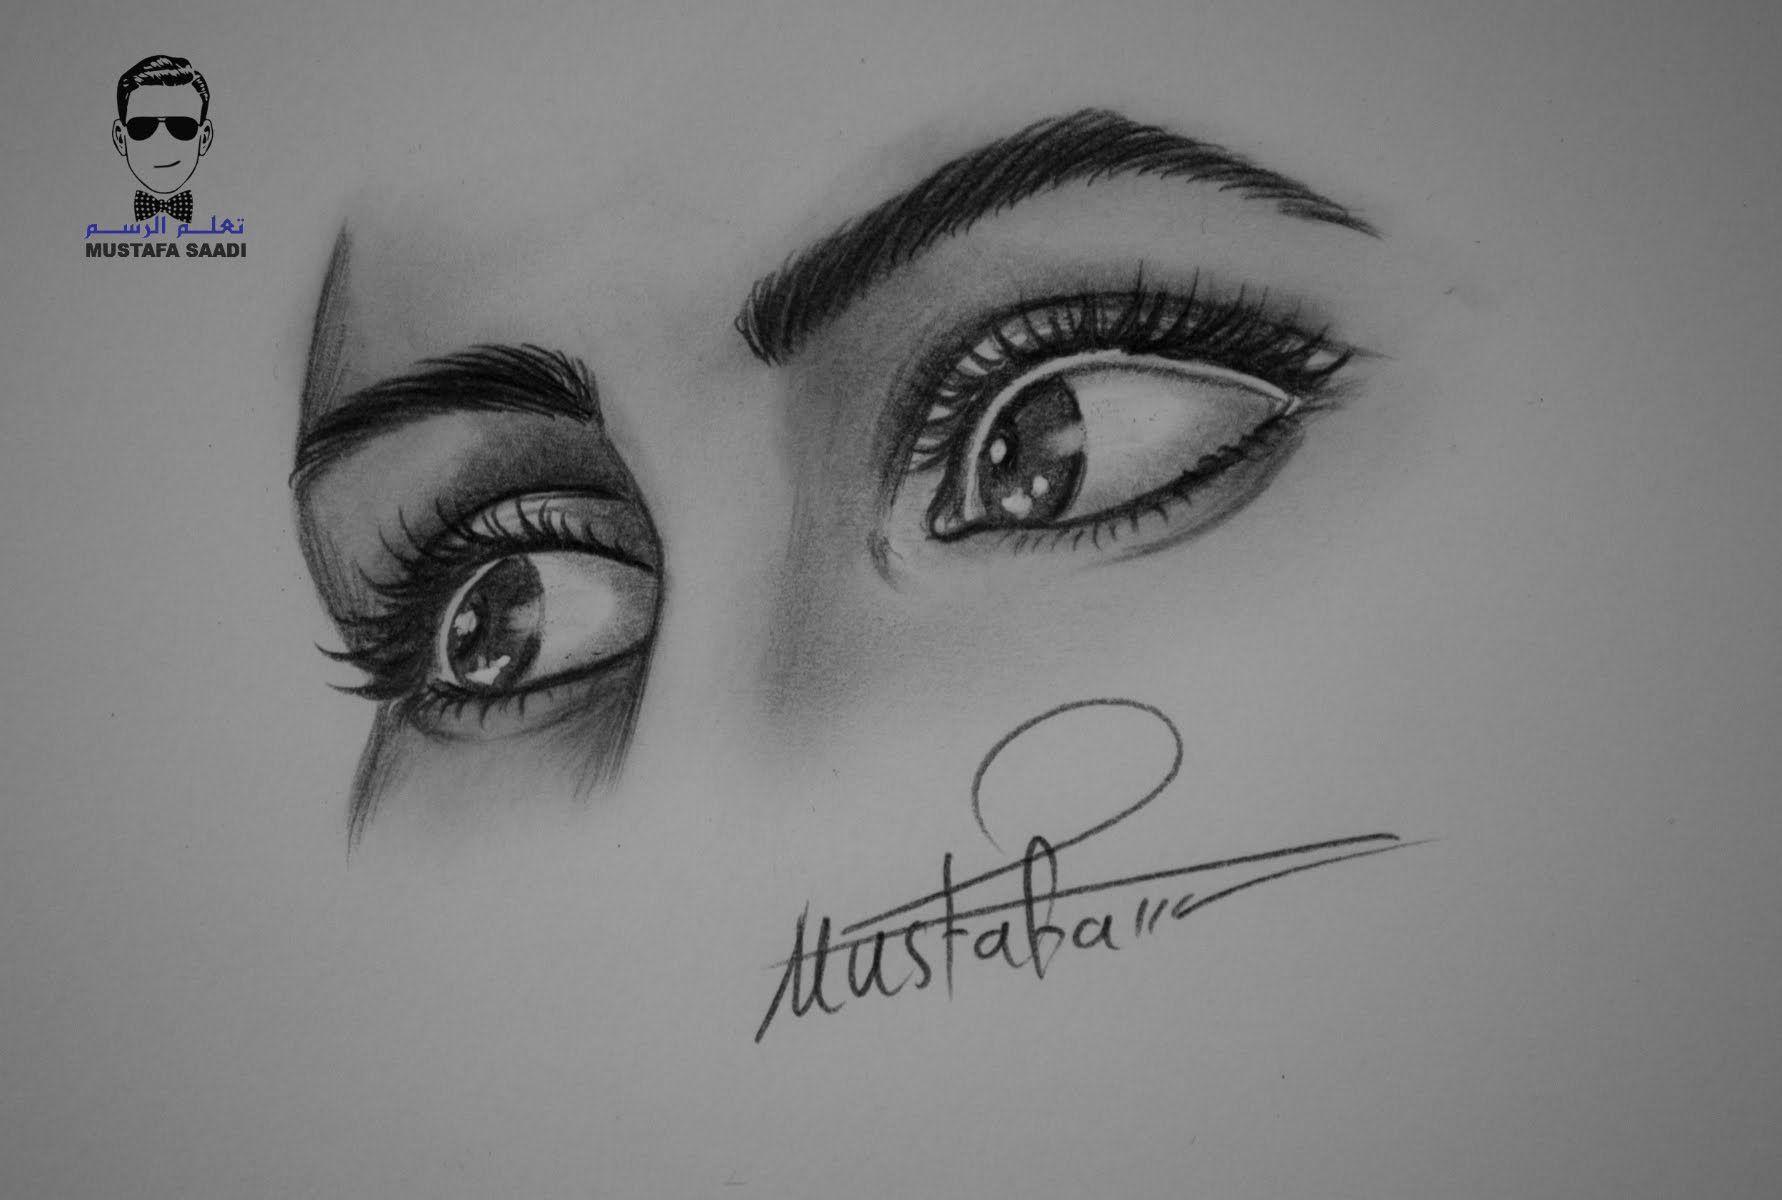 كيفية رسم عين مع نظرة جانبية بالرصاص مع الخطوات للمبتدئين Eye Drawing Photography Wallpaper Photo And Video